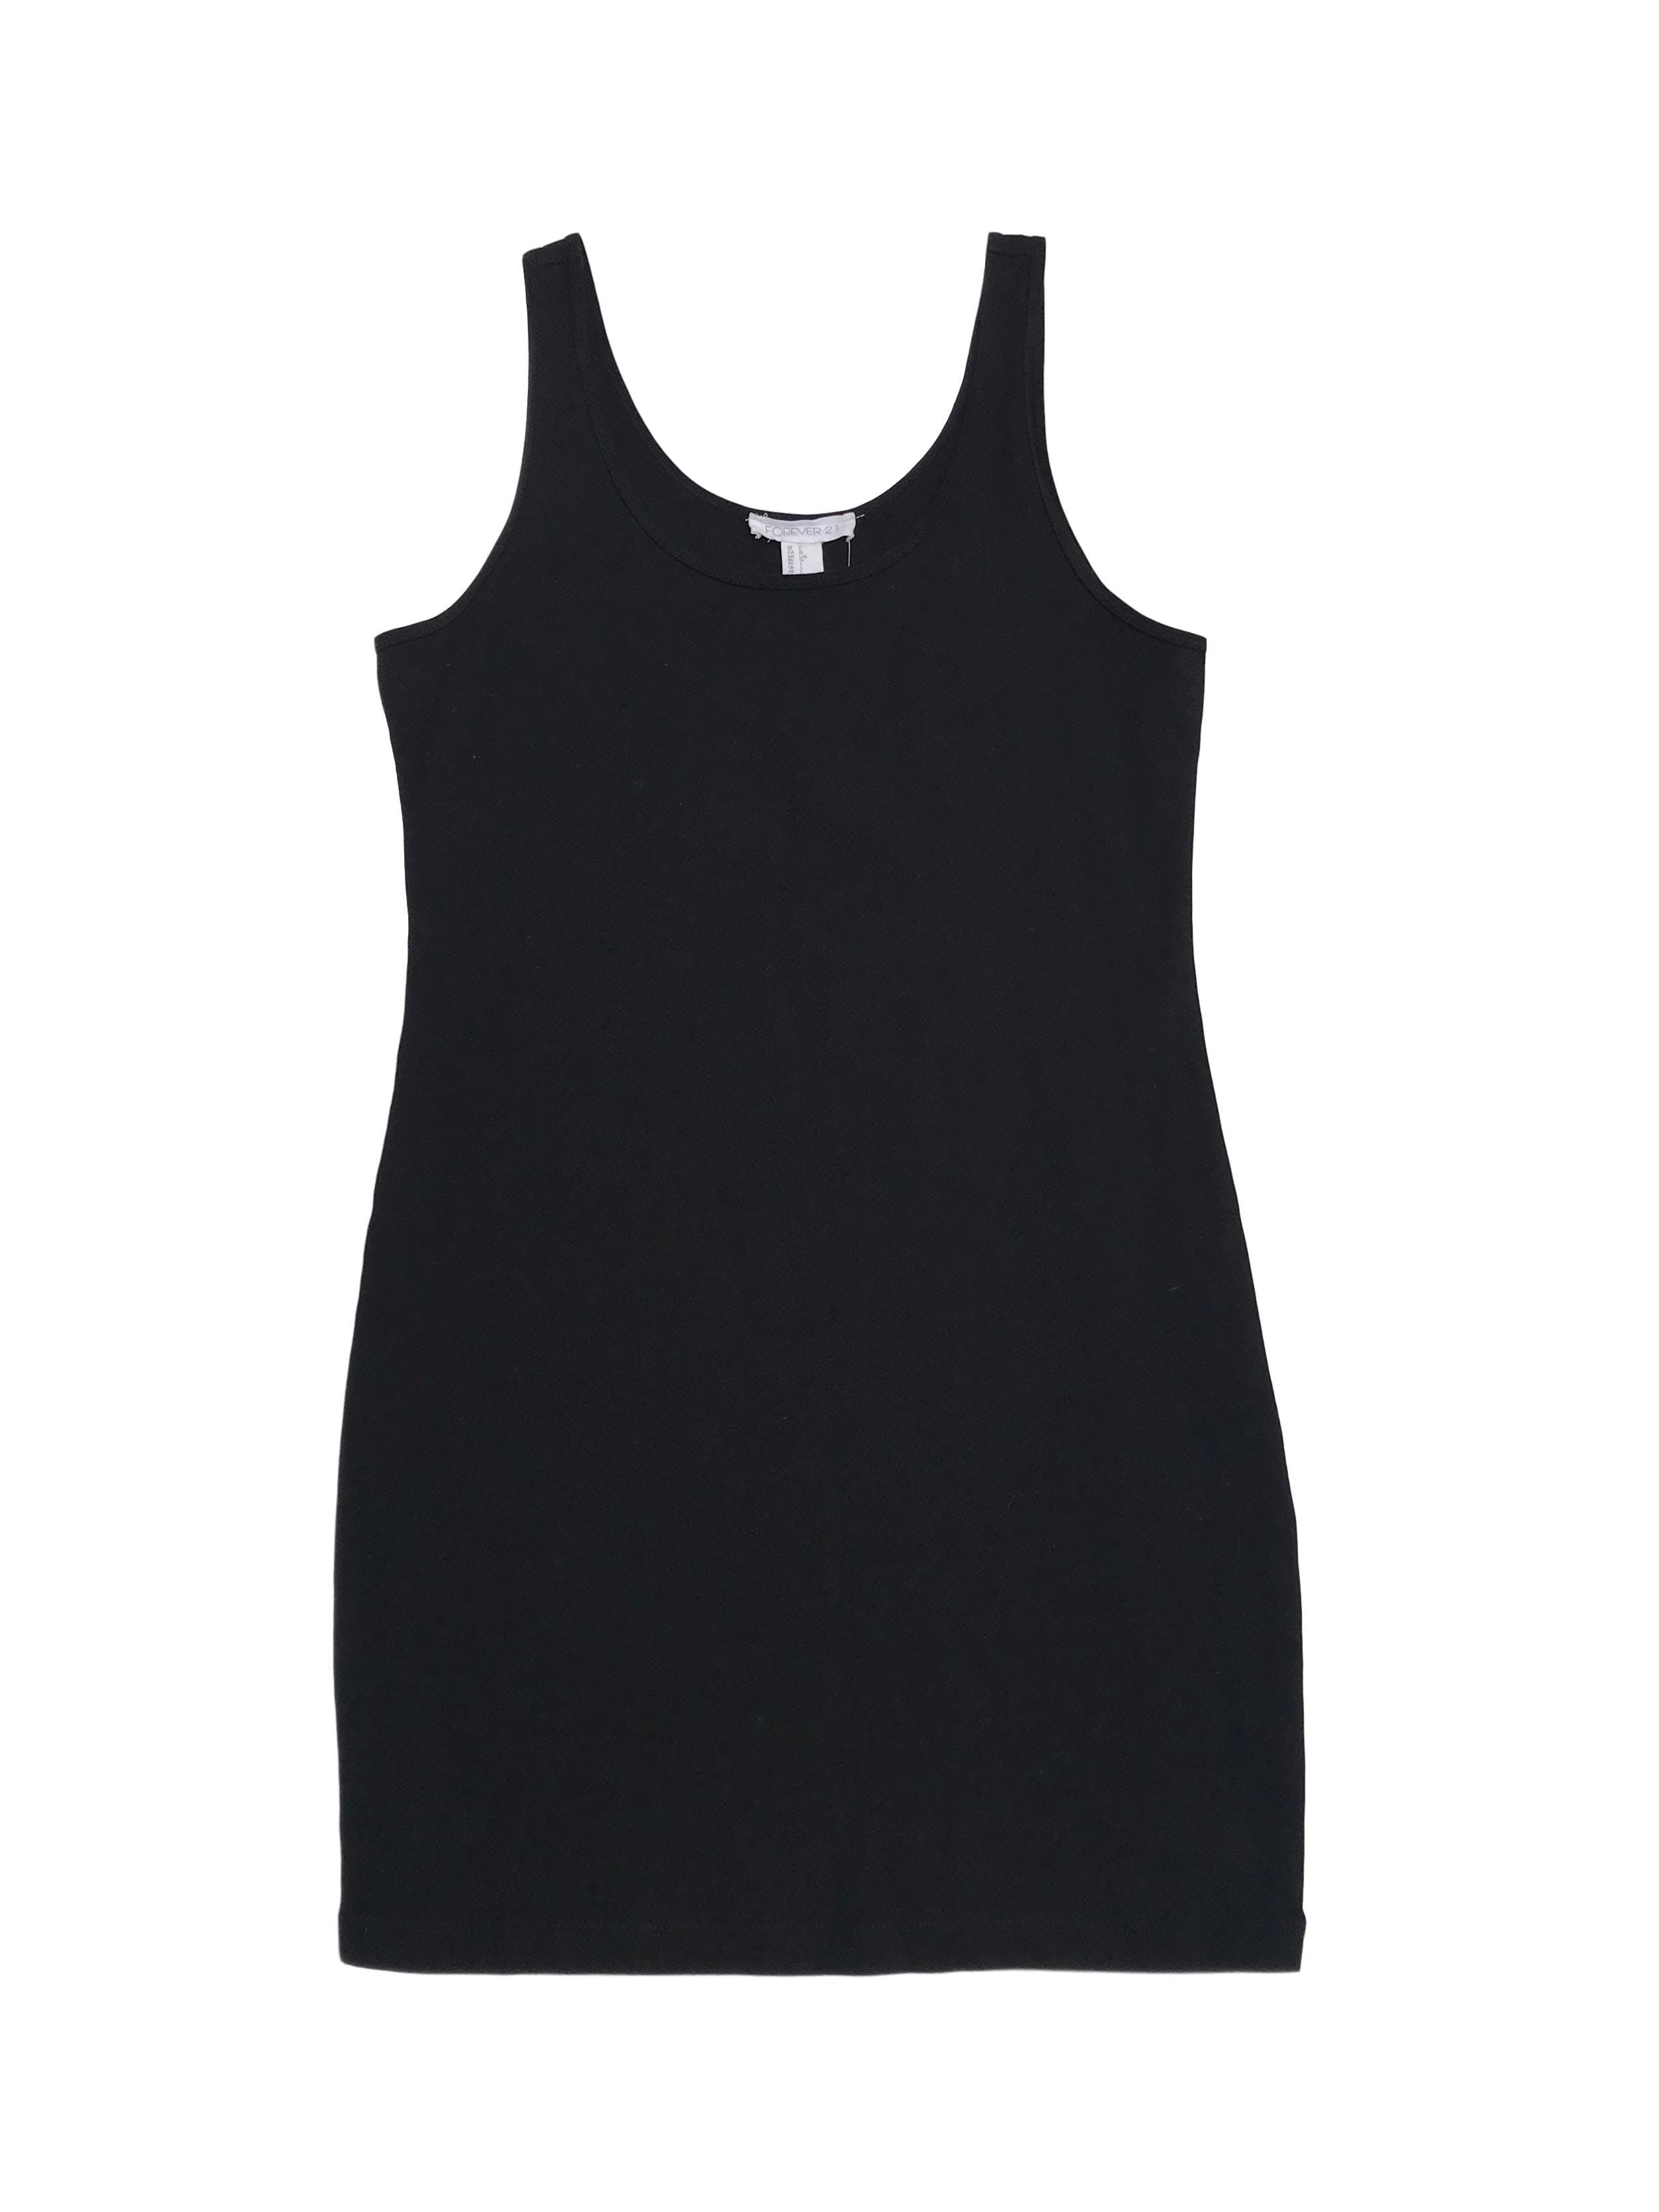 Vestido negro negro de algodón stretch